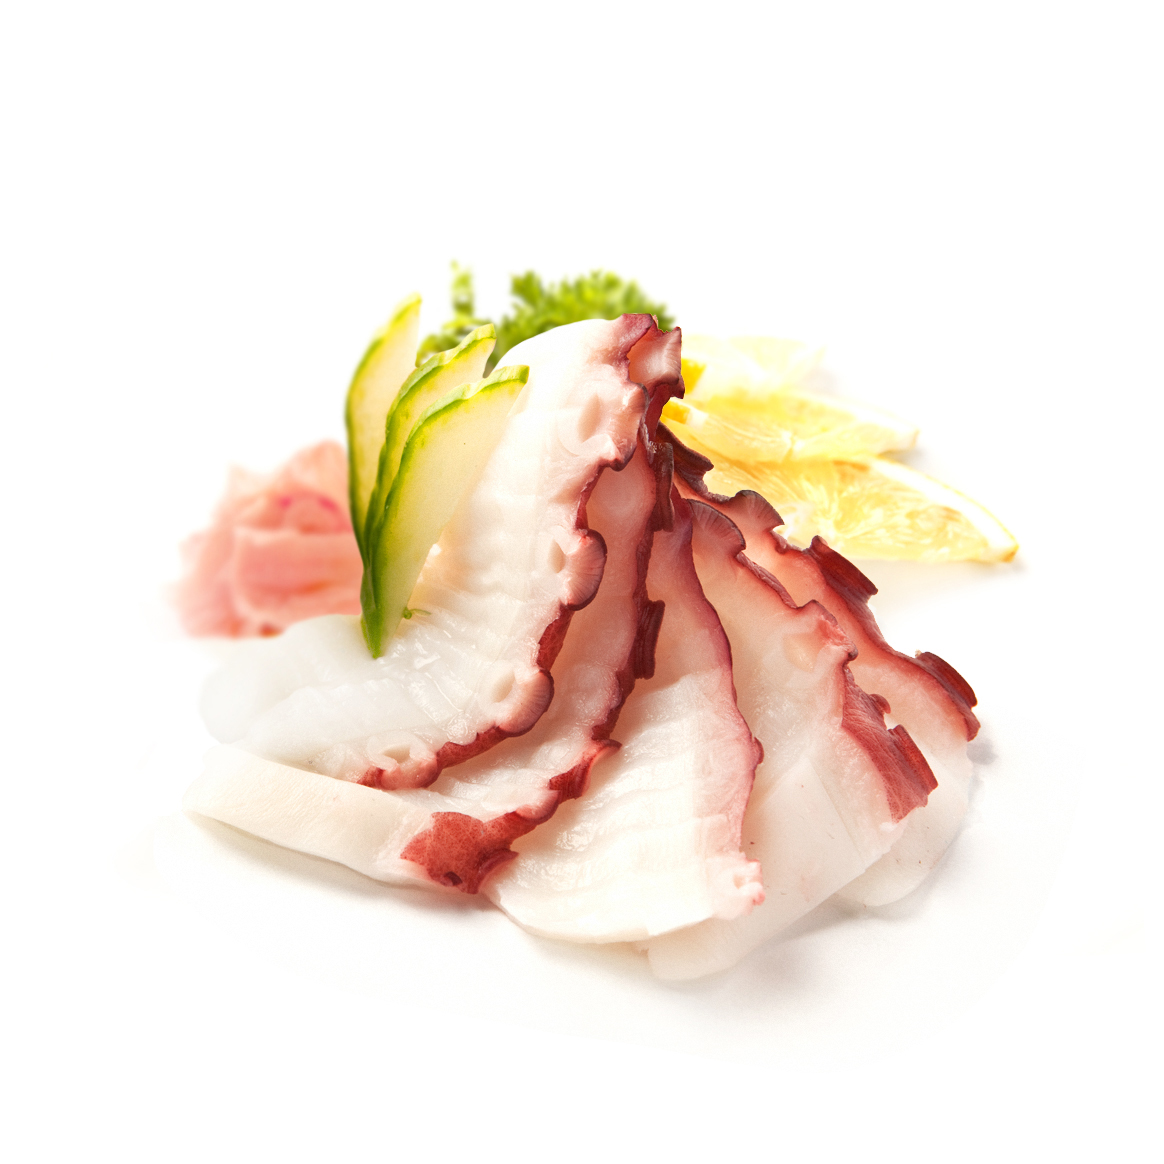 Octopus Sashimi Image